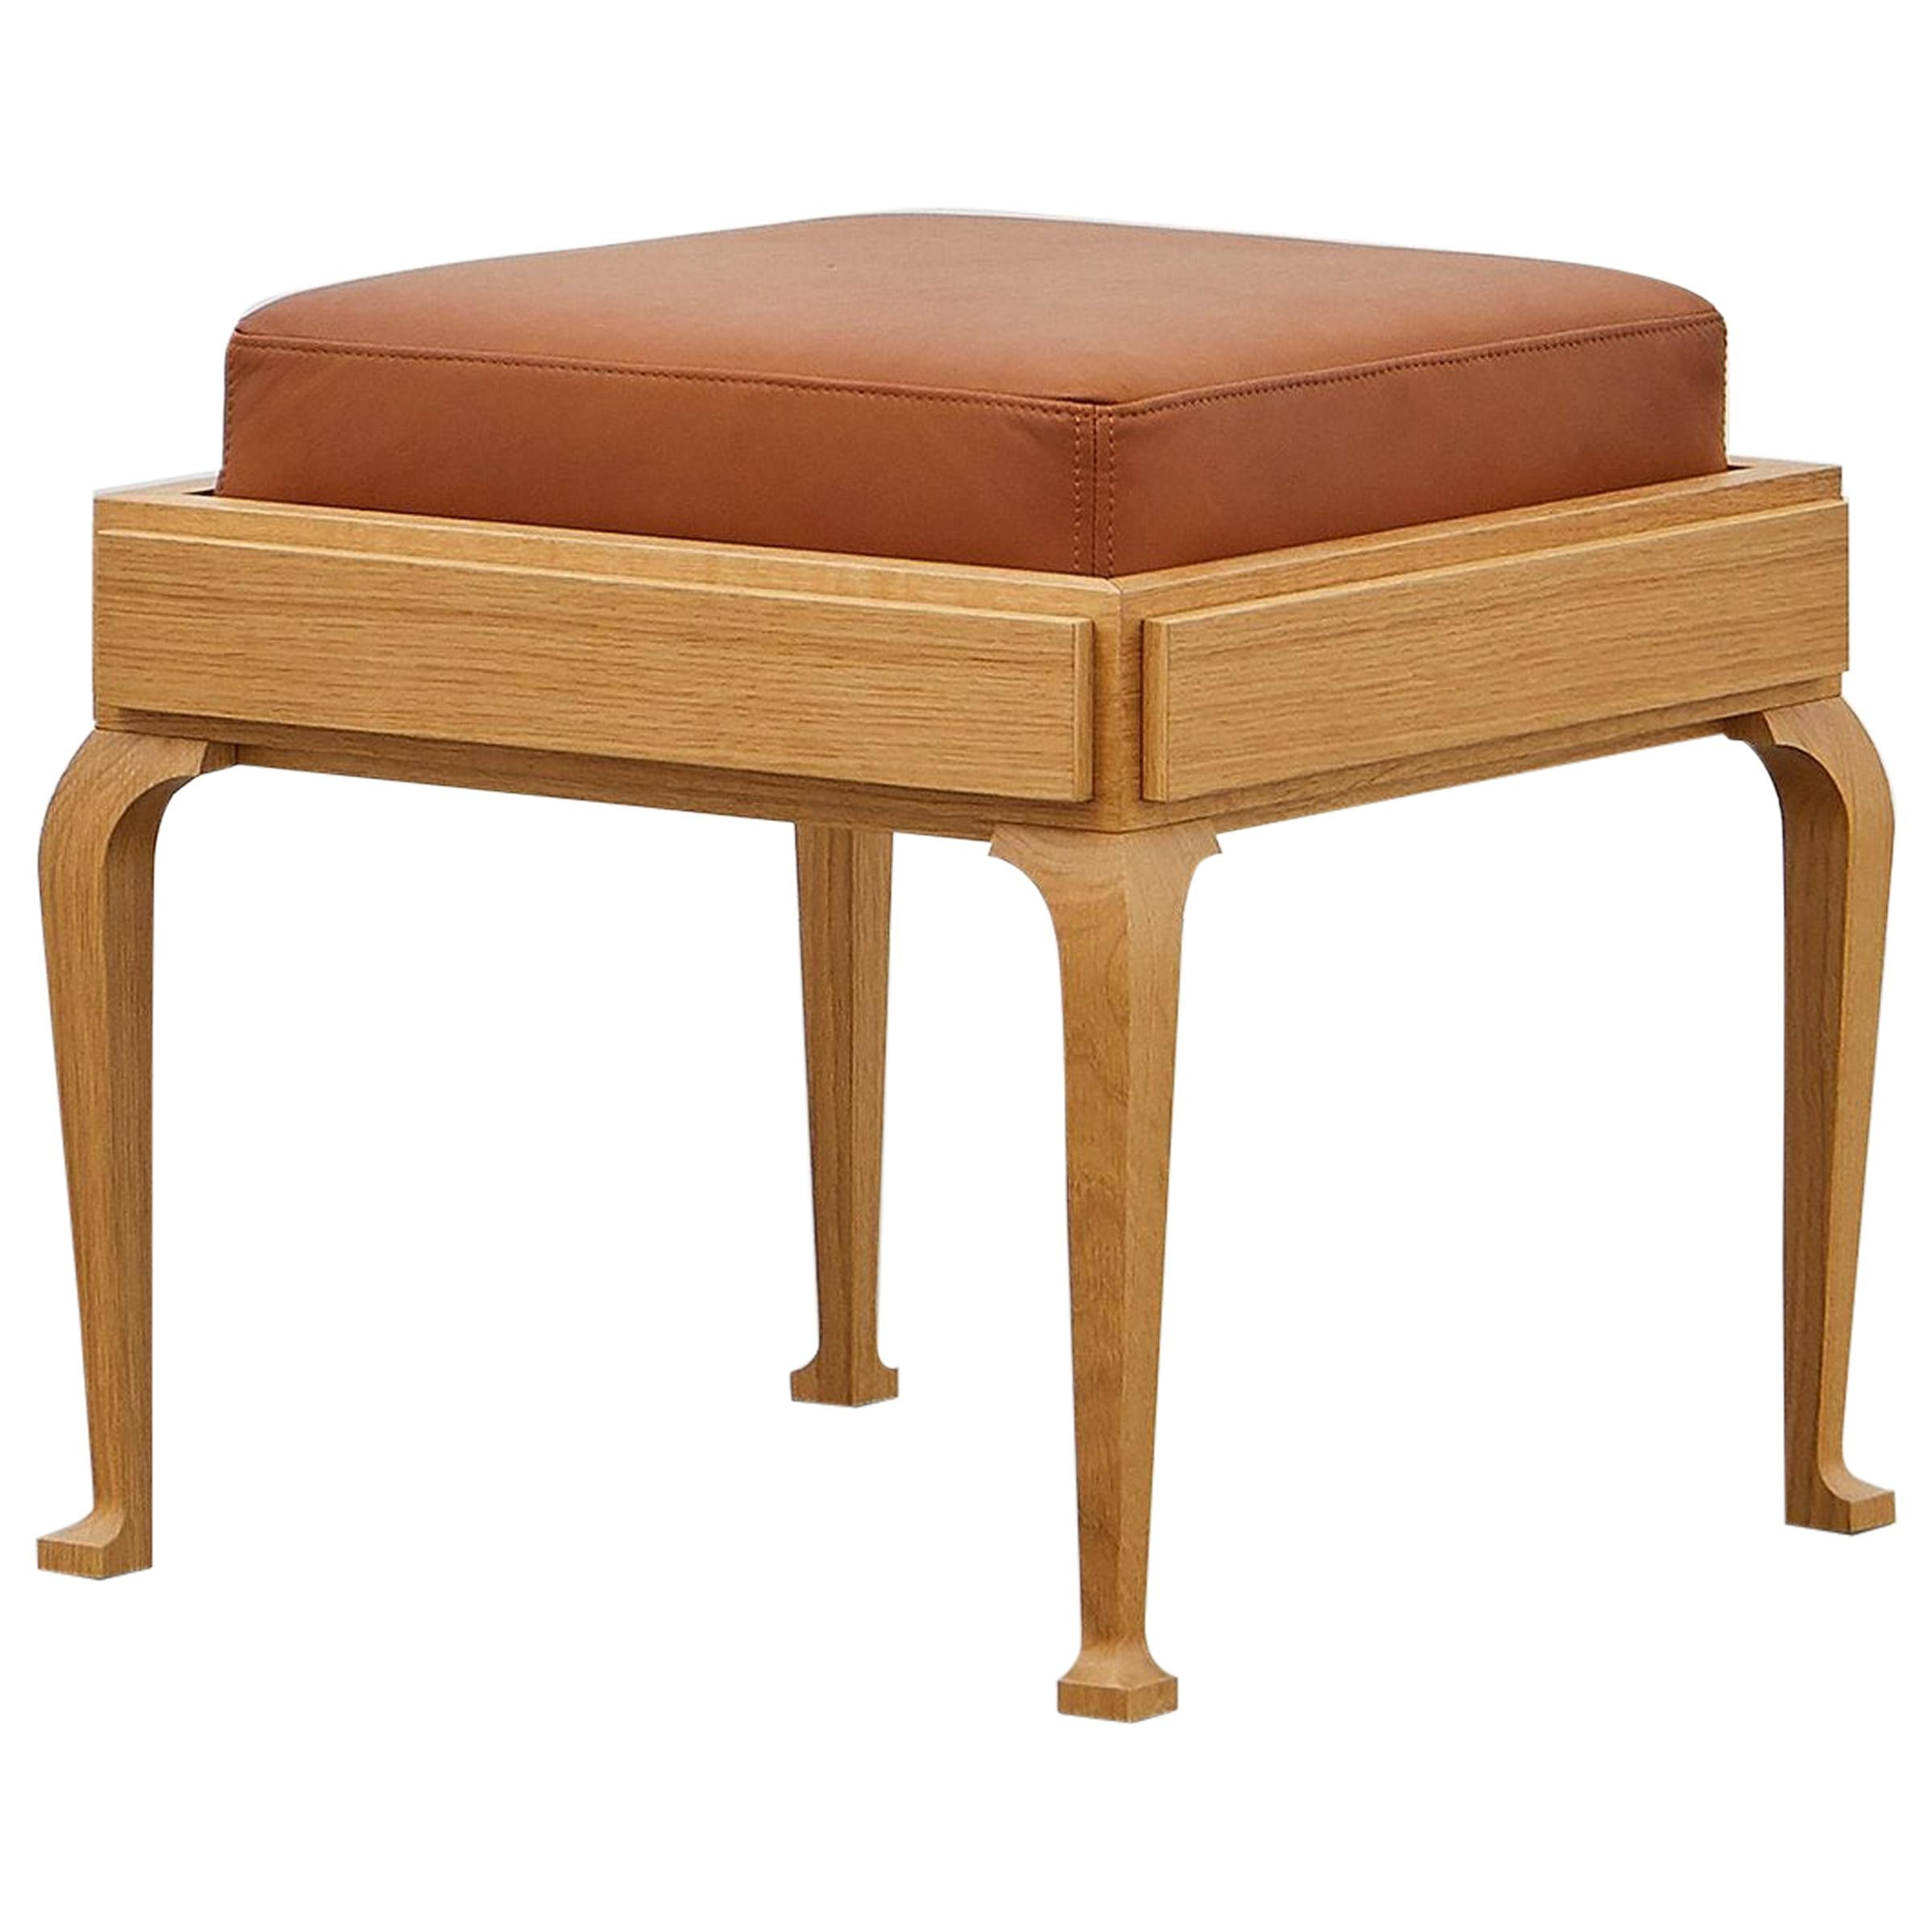 PH Stool, wood legs, natural oak veneer, extreme walnut leather seat